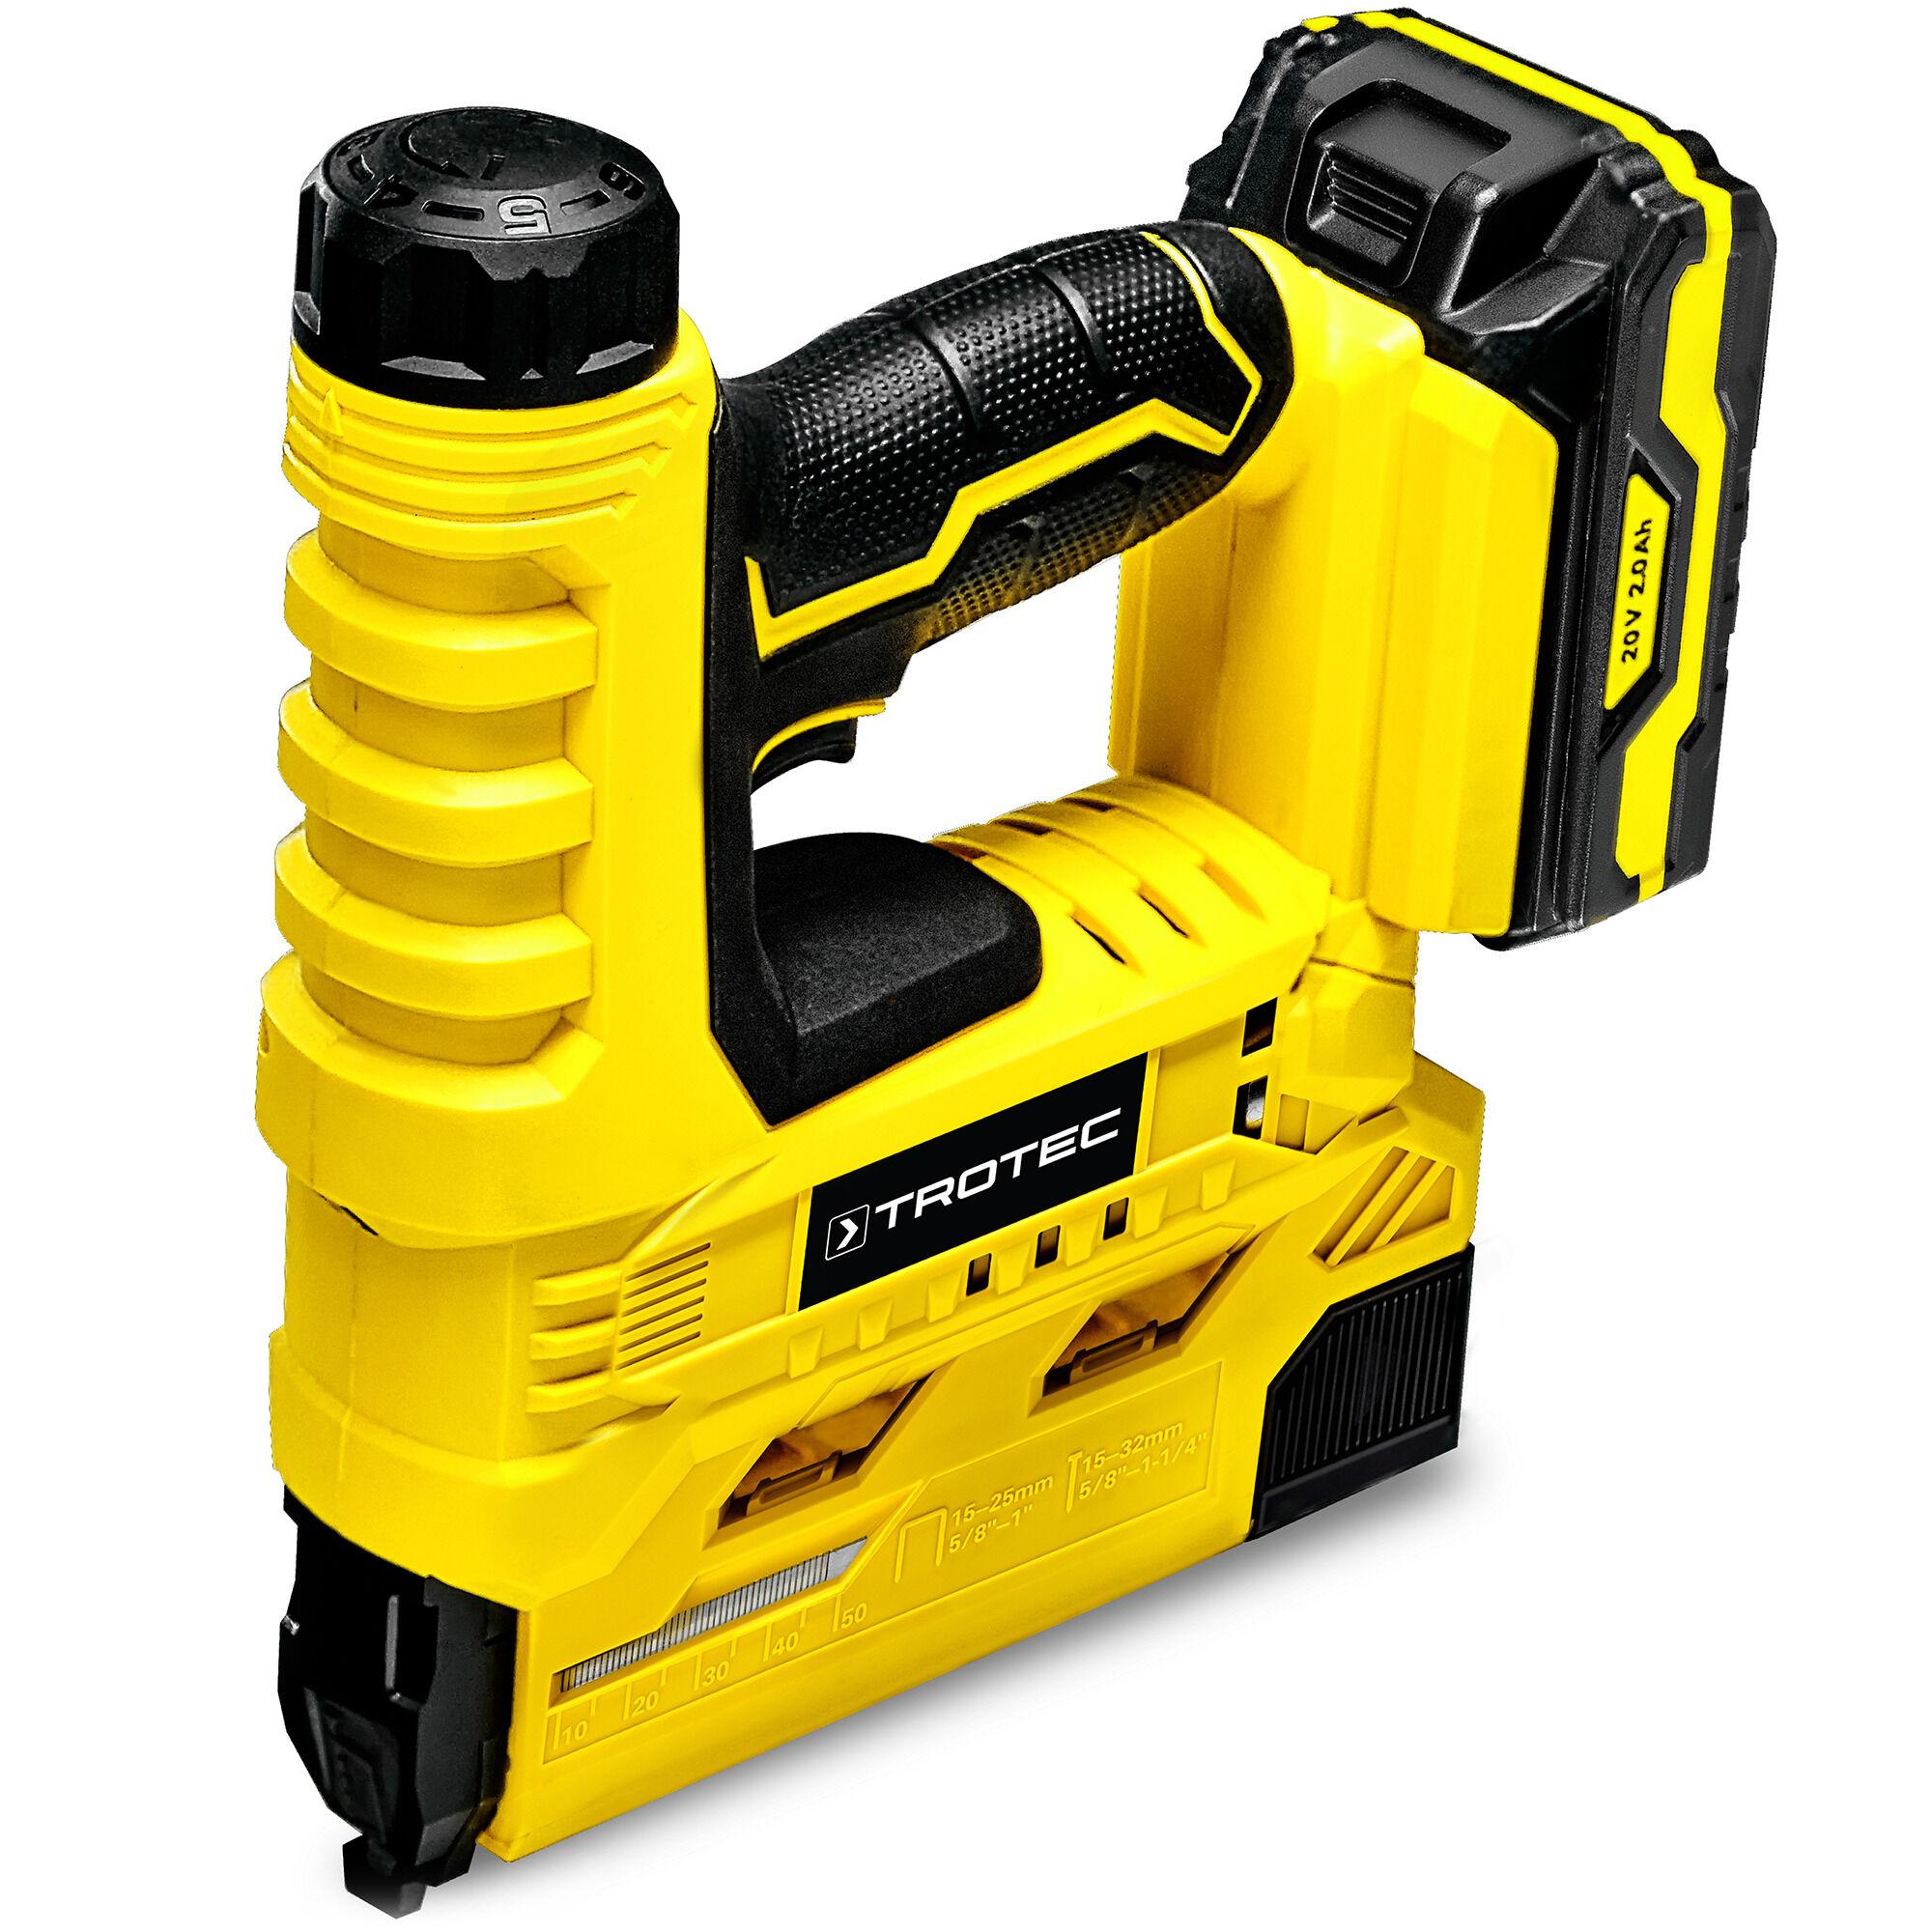 trotec graffatrice a batteria ptns 10-20v + cesoie per erba e arbusti a batteria pgss 10-20v